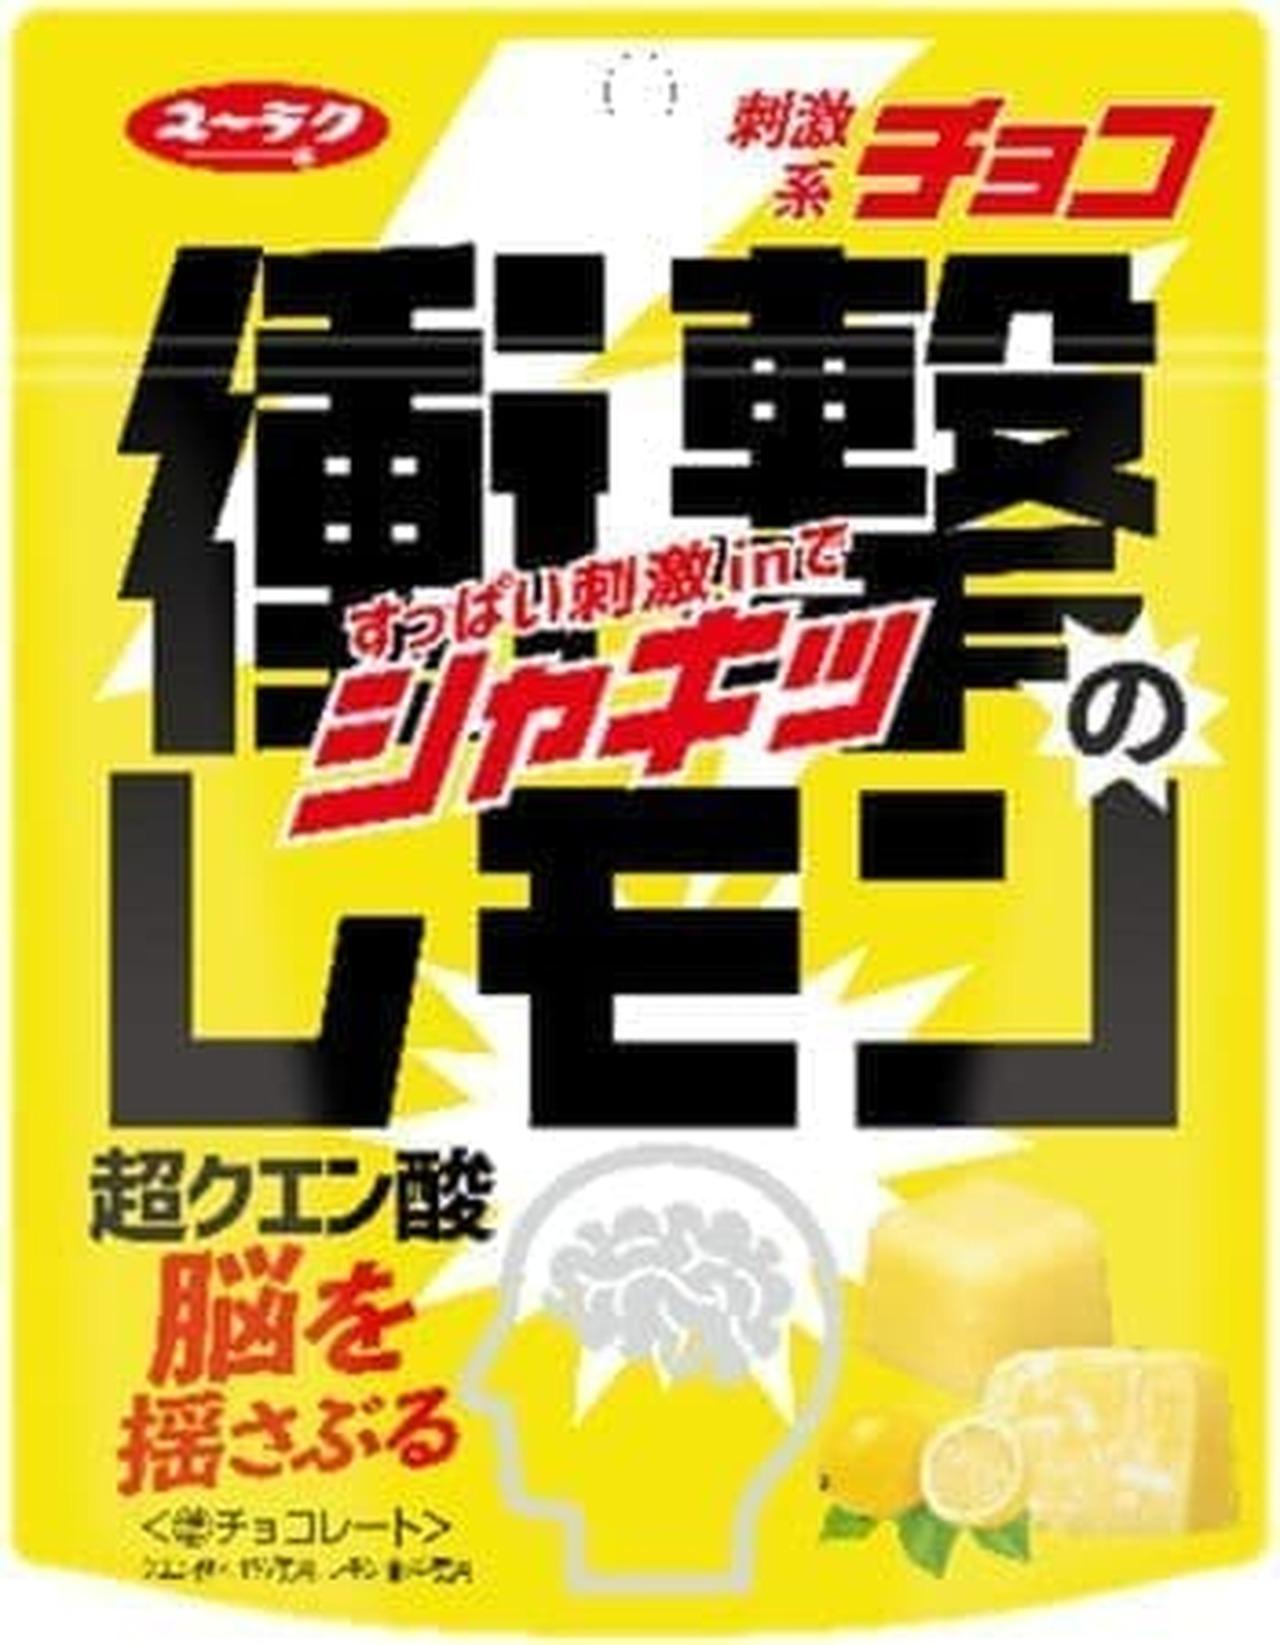 有楽製菓「衝撃のレモン」